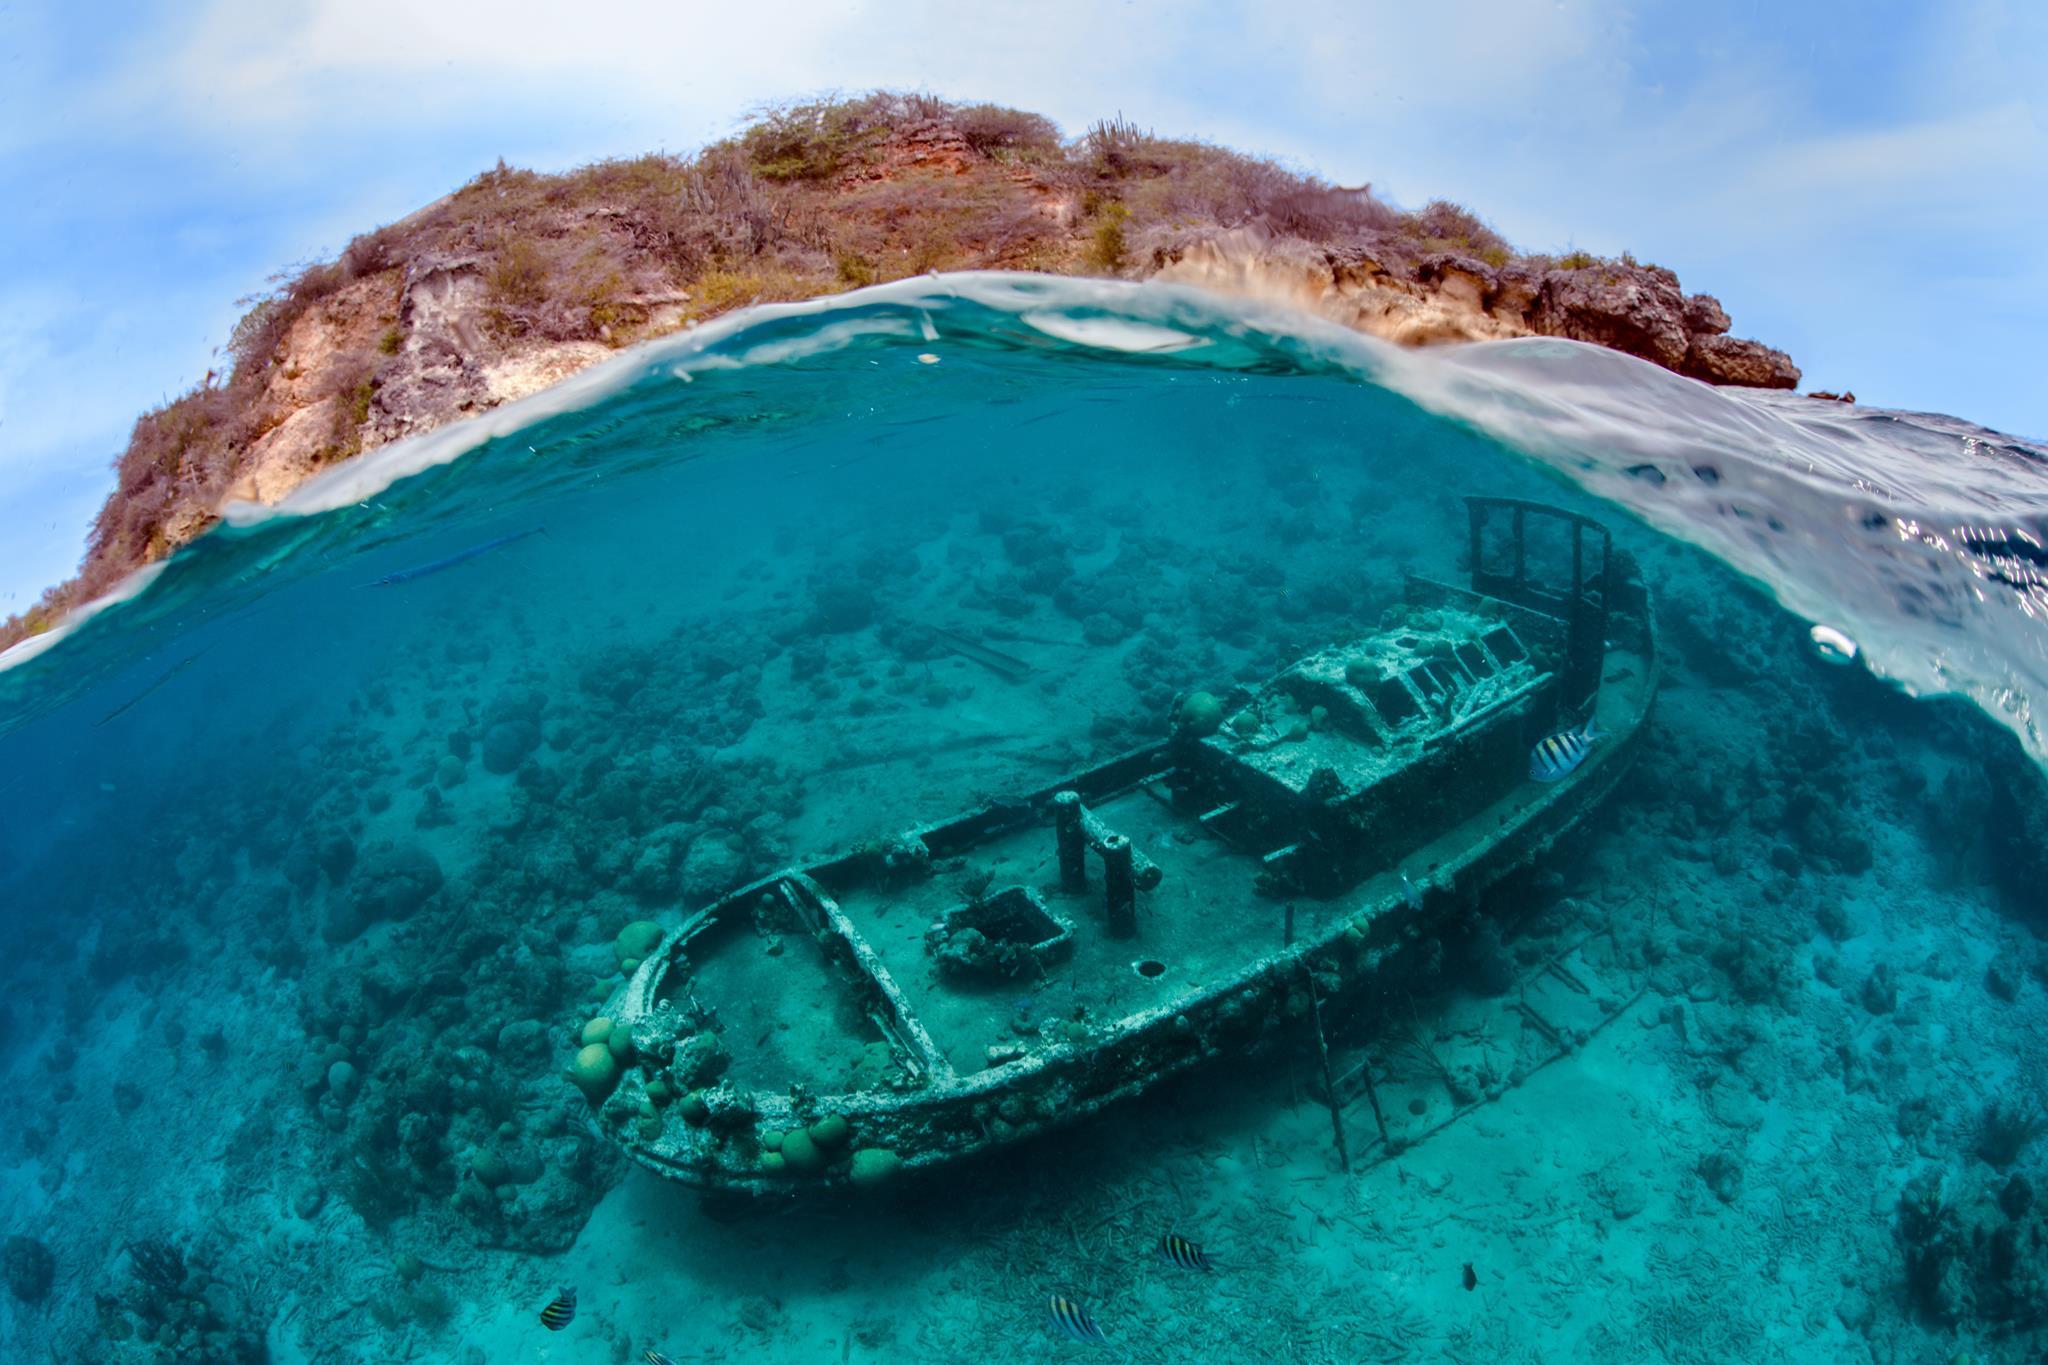 Tugboat Curacao